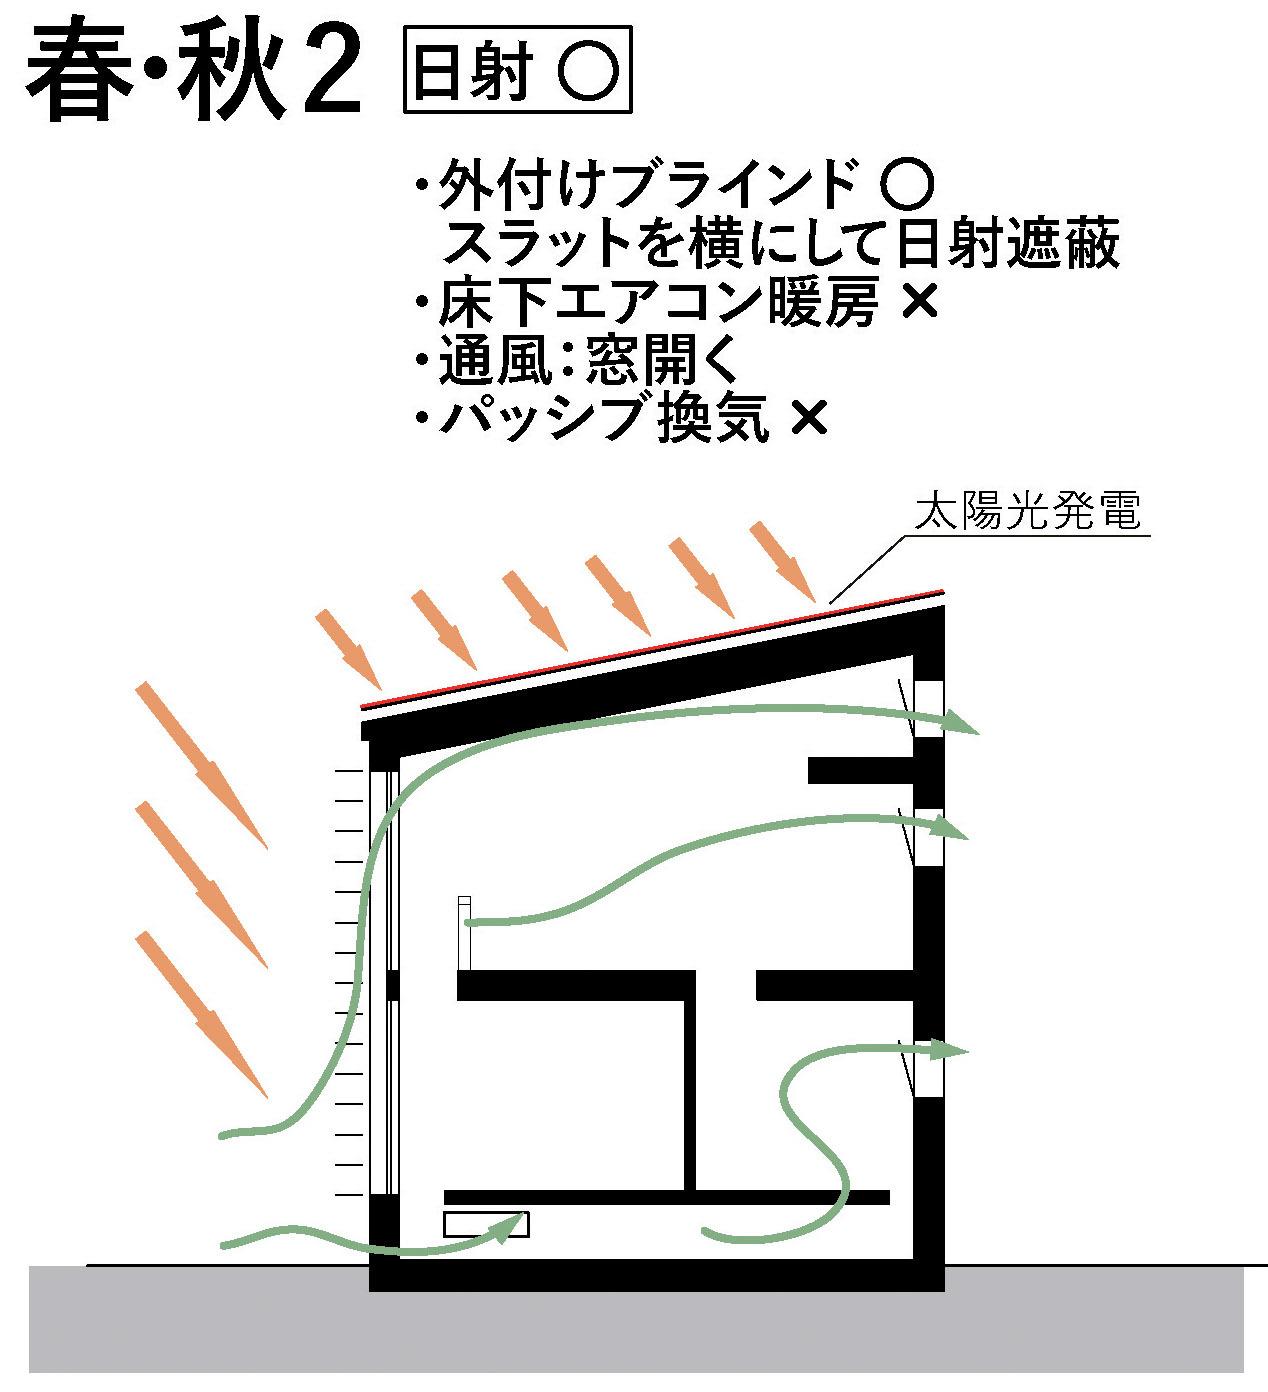 秋田から自然環境の「厳しさ」だけを 取り除く2/3_e0054299_10051847.jpg